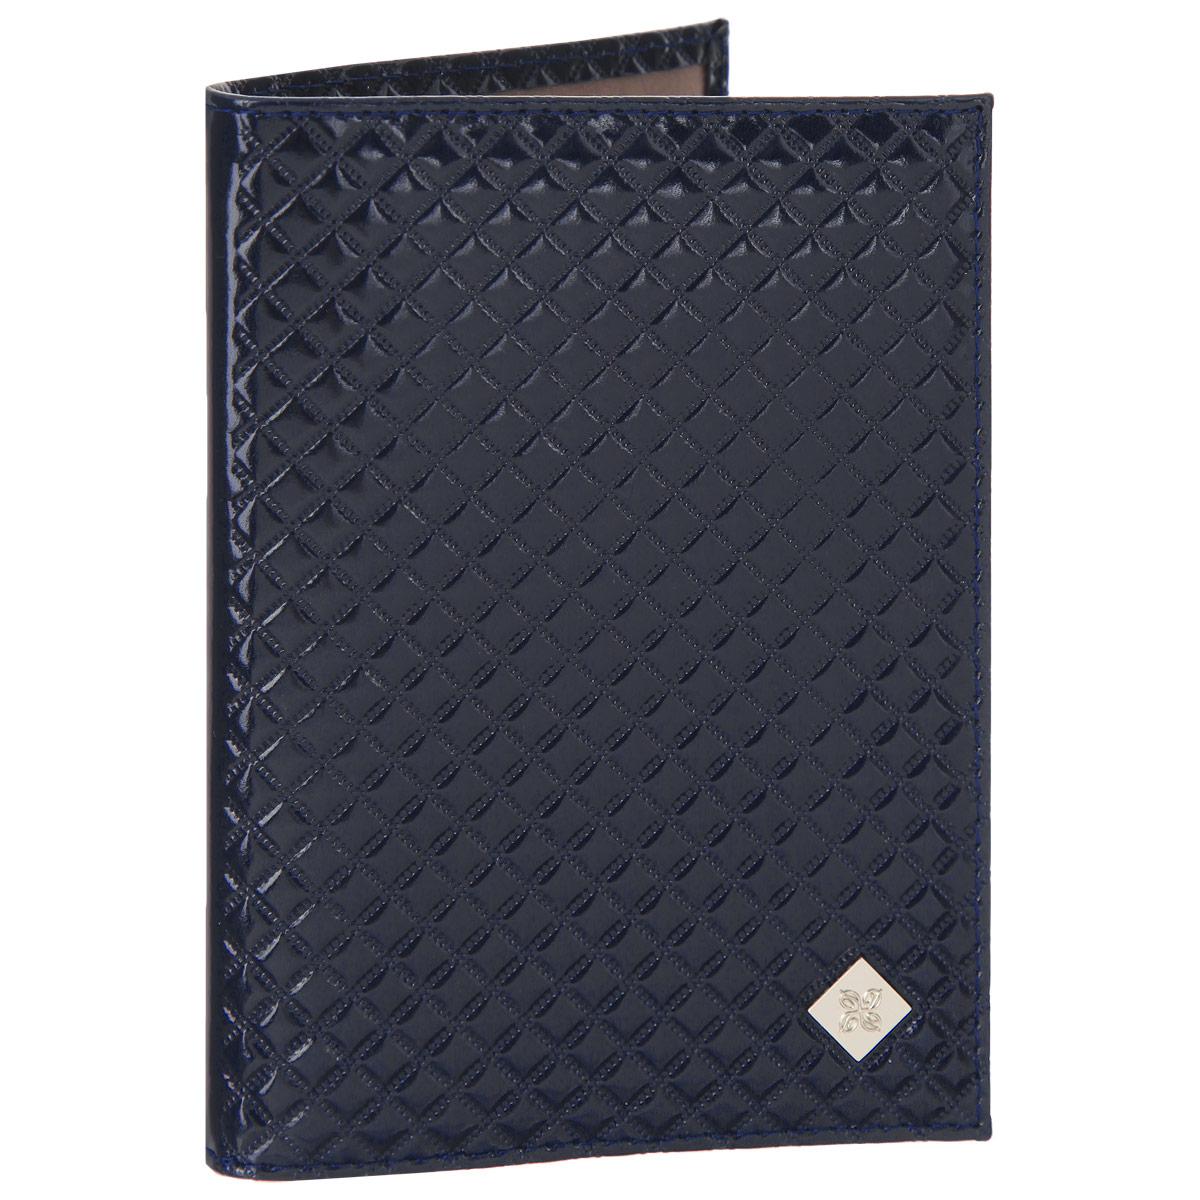 Обложка для паспорта женская Dimanche Rich, цвет: синий. 580/3580/3Обложка для паспорта Dimanche Rich выполнена из натуральной кожи, декорирована фактурным тиснением и брендовым металлическим значком на лицевой стороне обложки. Обложка на подкладке с пластиковыми клапанами. Обложка не только поможет сохранить внешний вид ваших документов и защитить их от повреждений, но и станет стильным аксессуаром, идеально подходящим вашему образу. Обложка для паспорта стильного дизайна может быть достойным и оригинальным подарком.